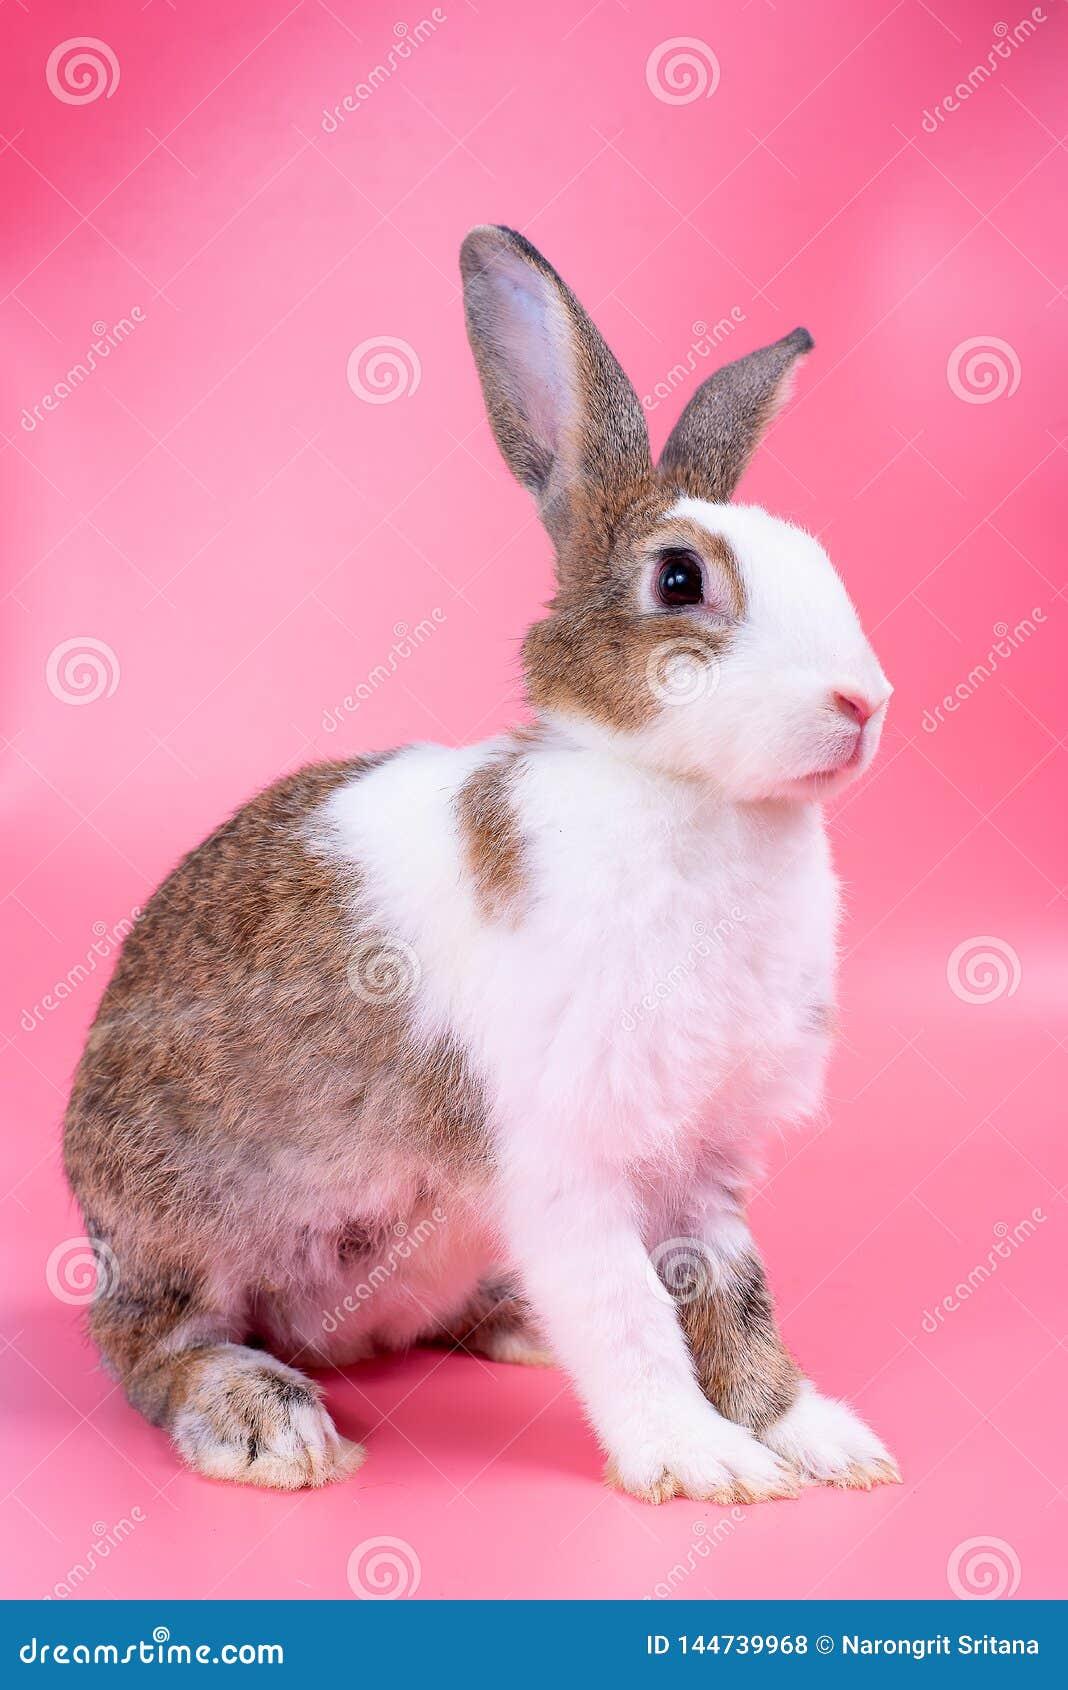 Браун и белый кролик зайчика с длинными стойками ушей перед розовой пр